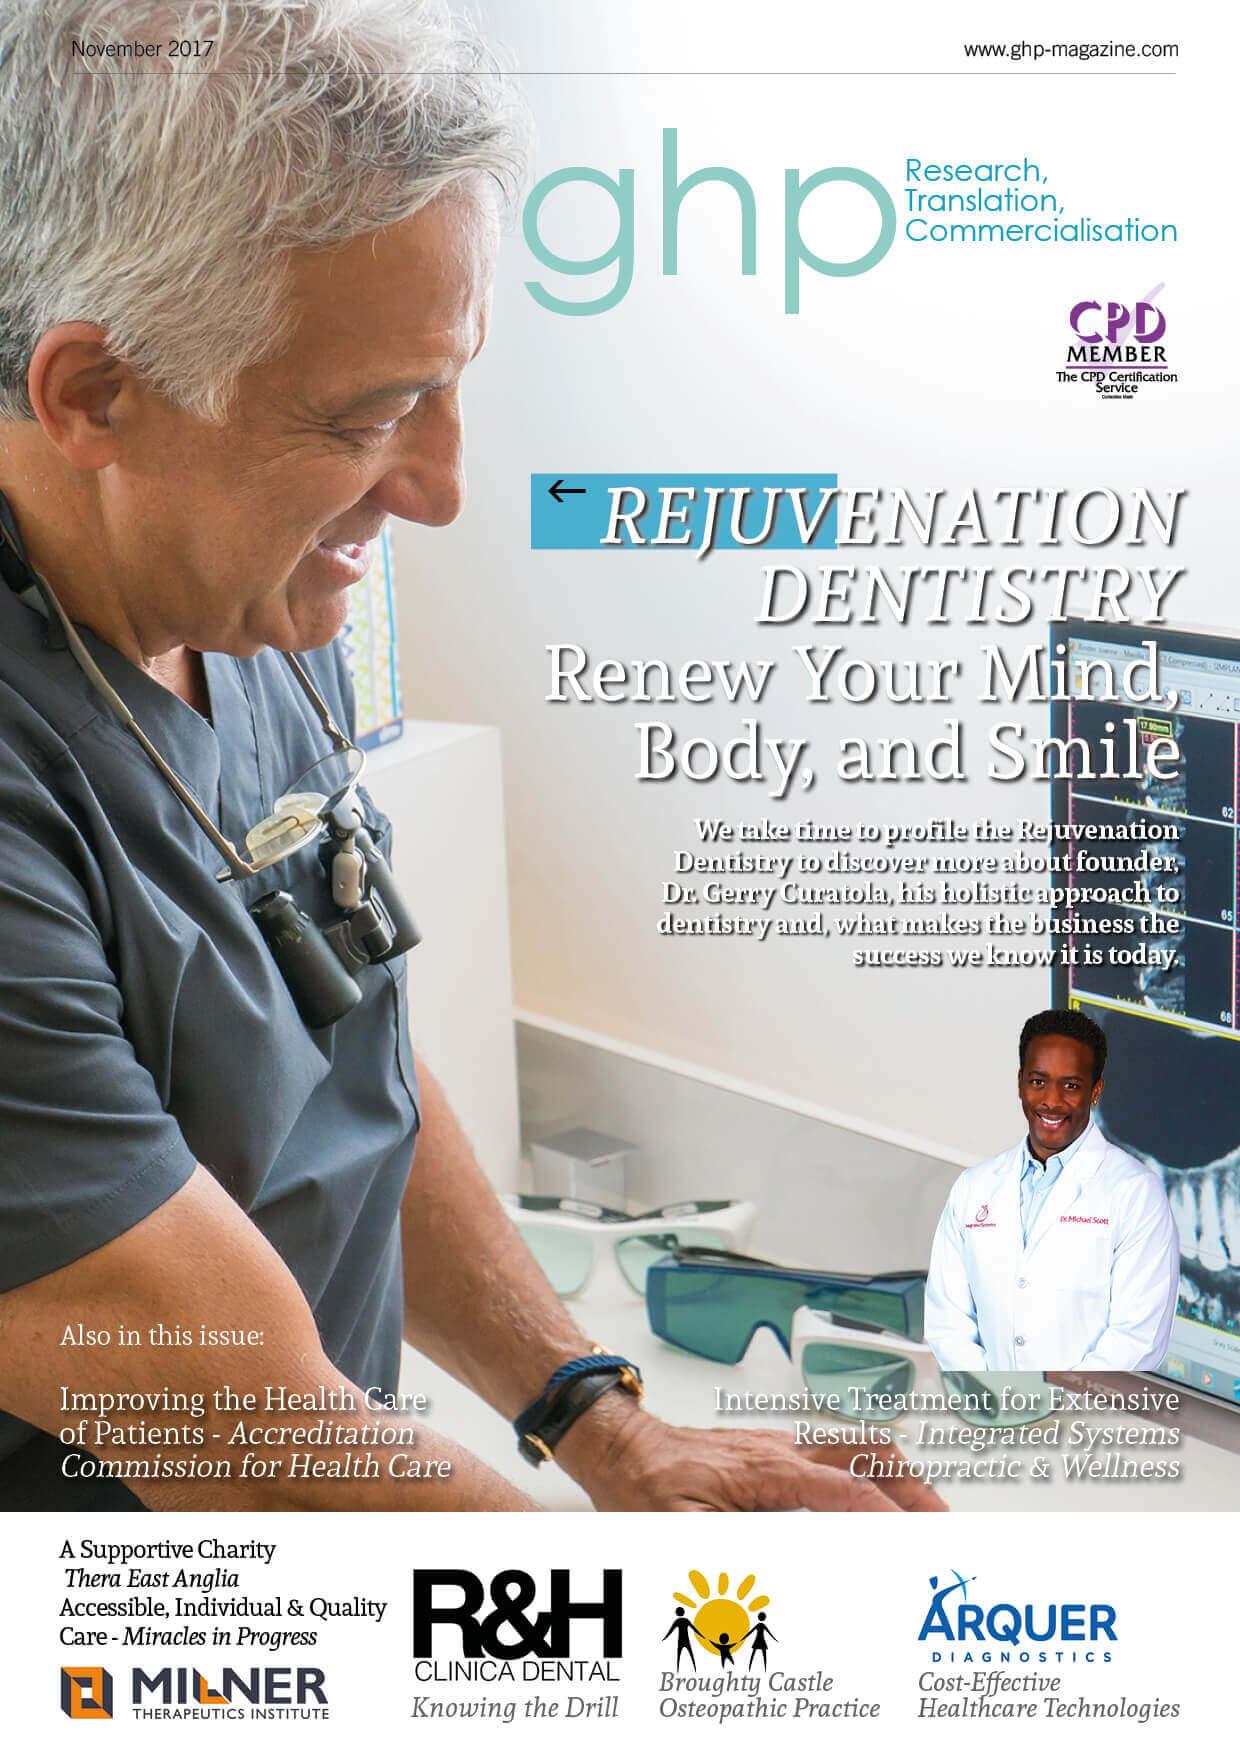 GHP November 2017 (Rejuvenation Dentistry)